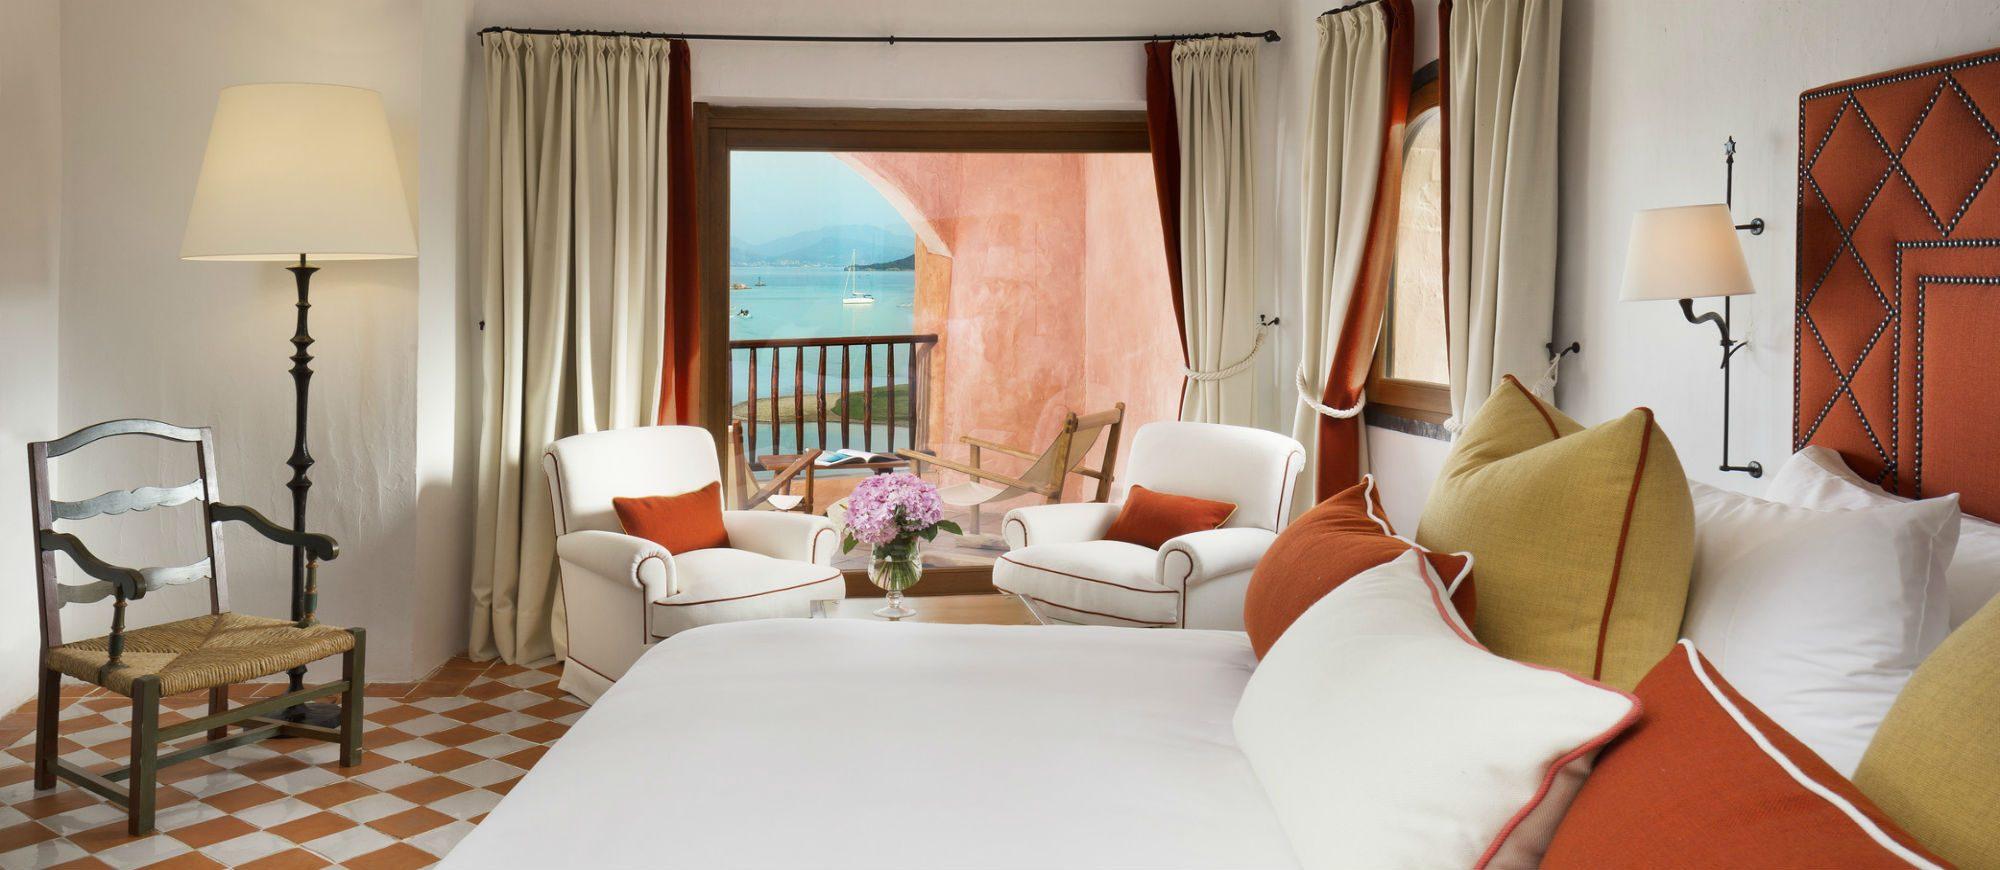 pent-main6-lux59gr-155337-penthouse-suite-bedroom